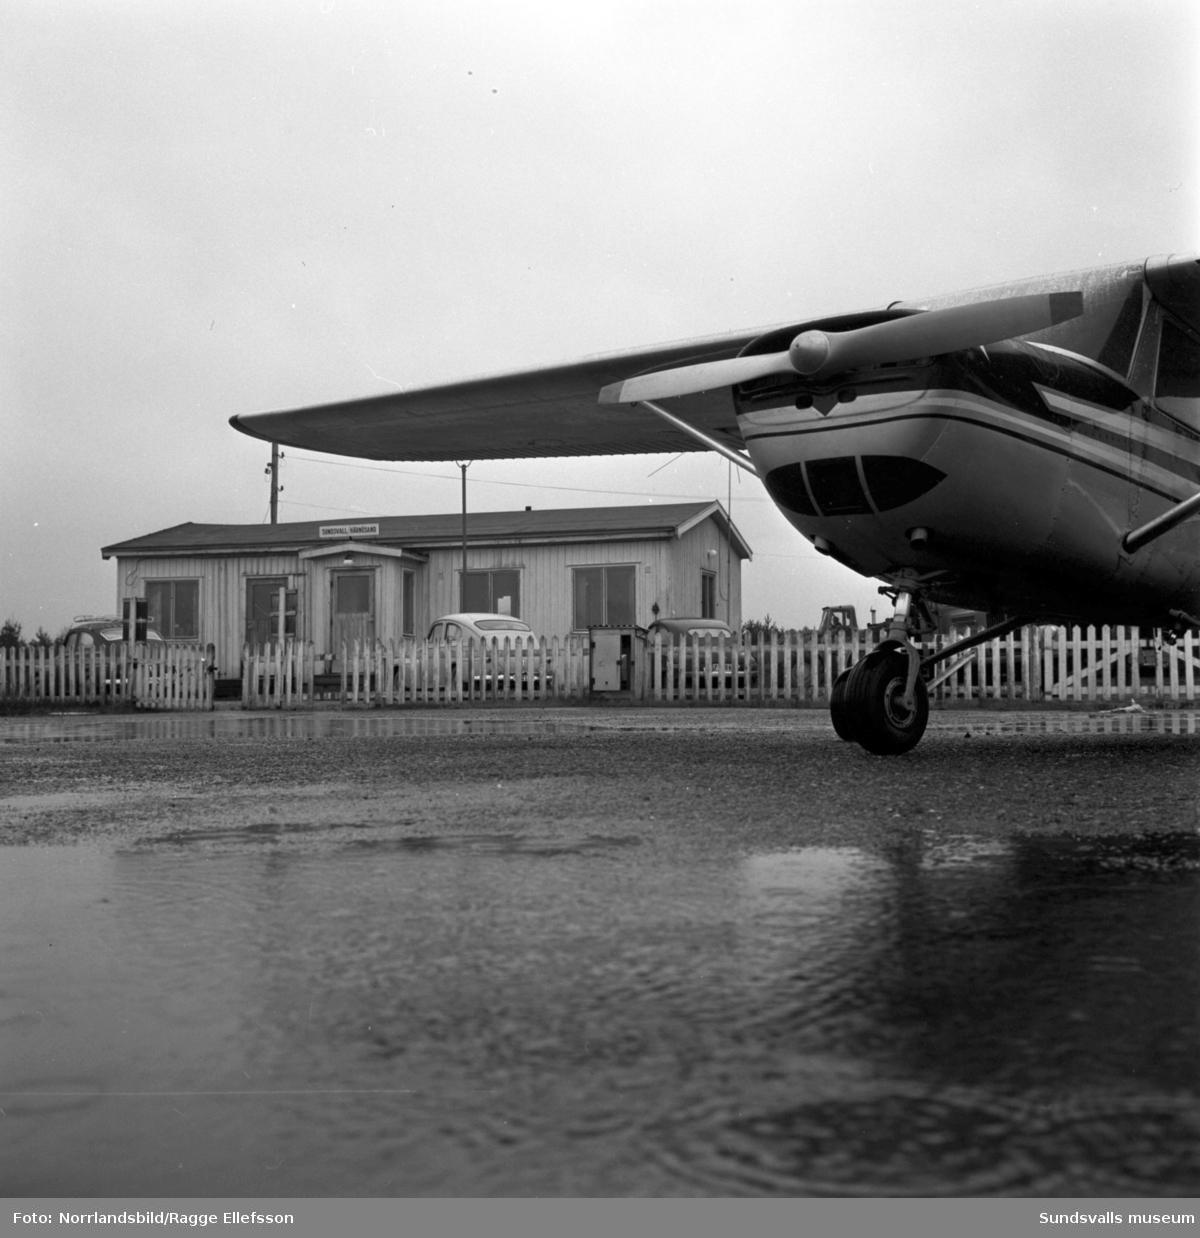 Sundsvalls flygklubb. Exteriör- och interiörbilder på flygplan. I bakgrunden syns baracken som tidigare varit Midlandas stationsbyggnad.